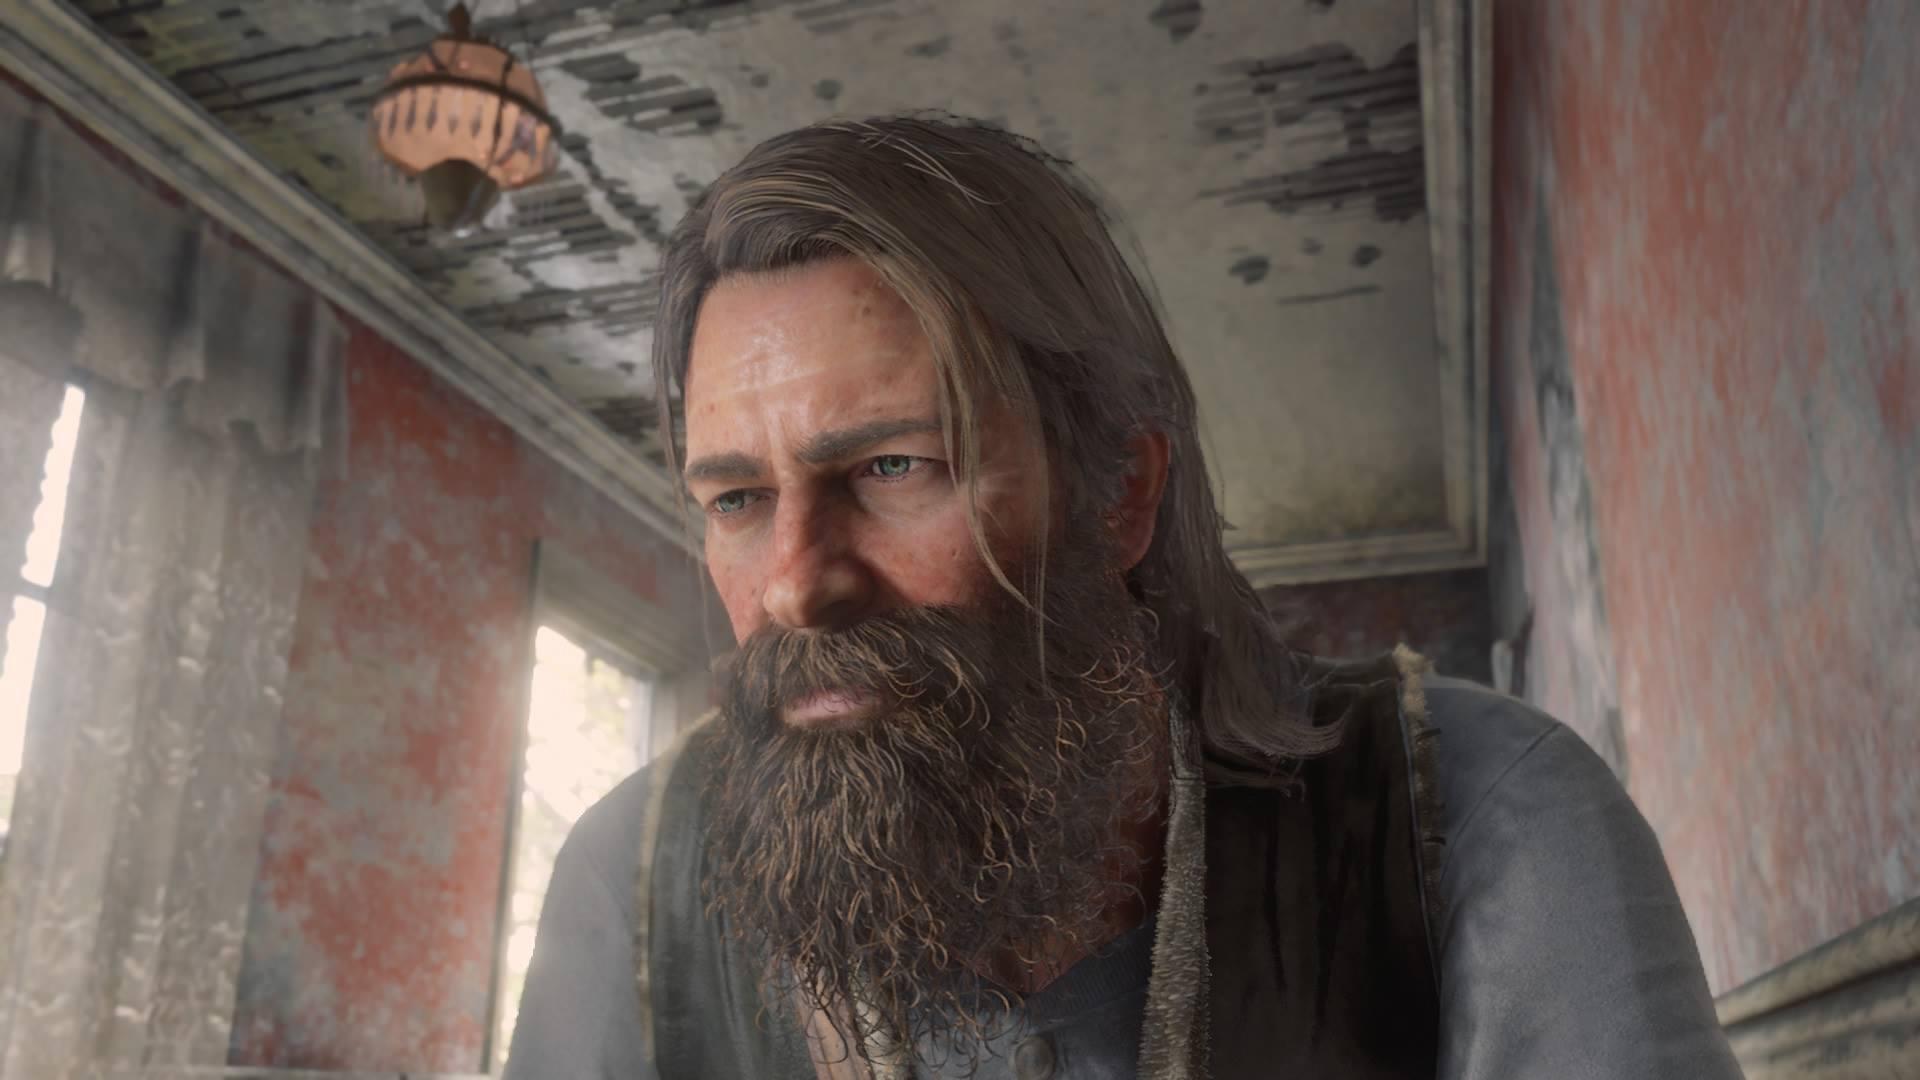 Red Dead Redemption 2: How Do I Grow Arthur's Hair and Beard All the